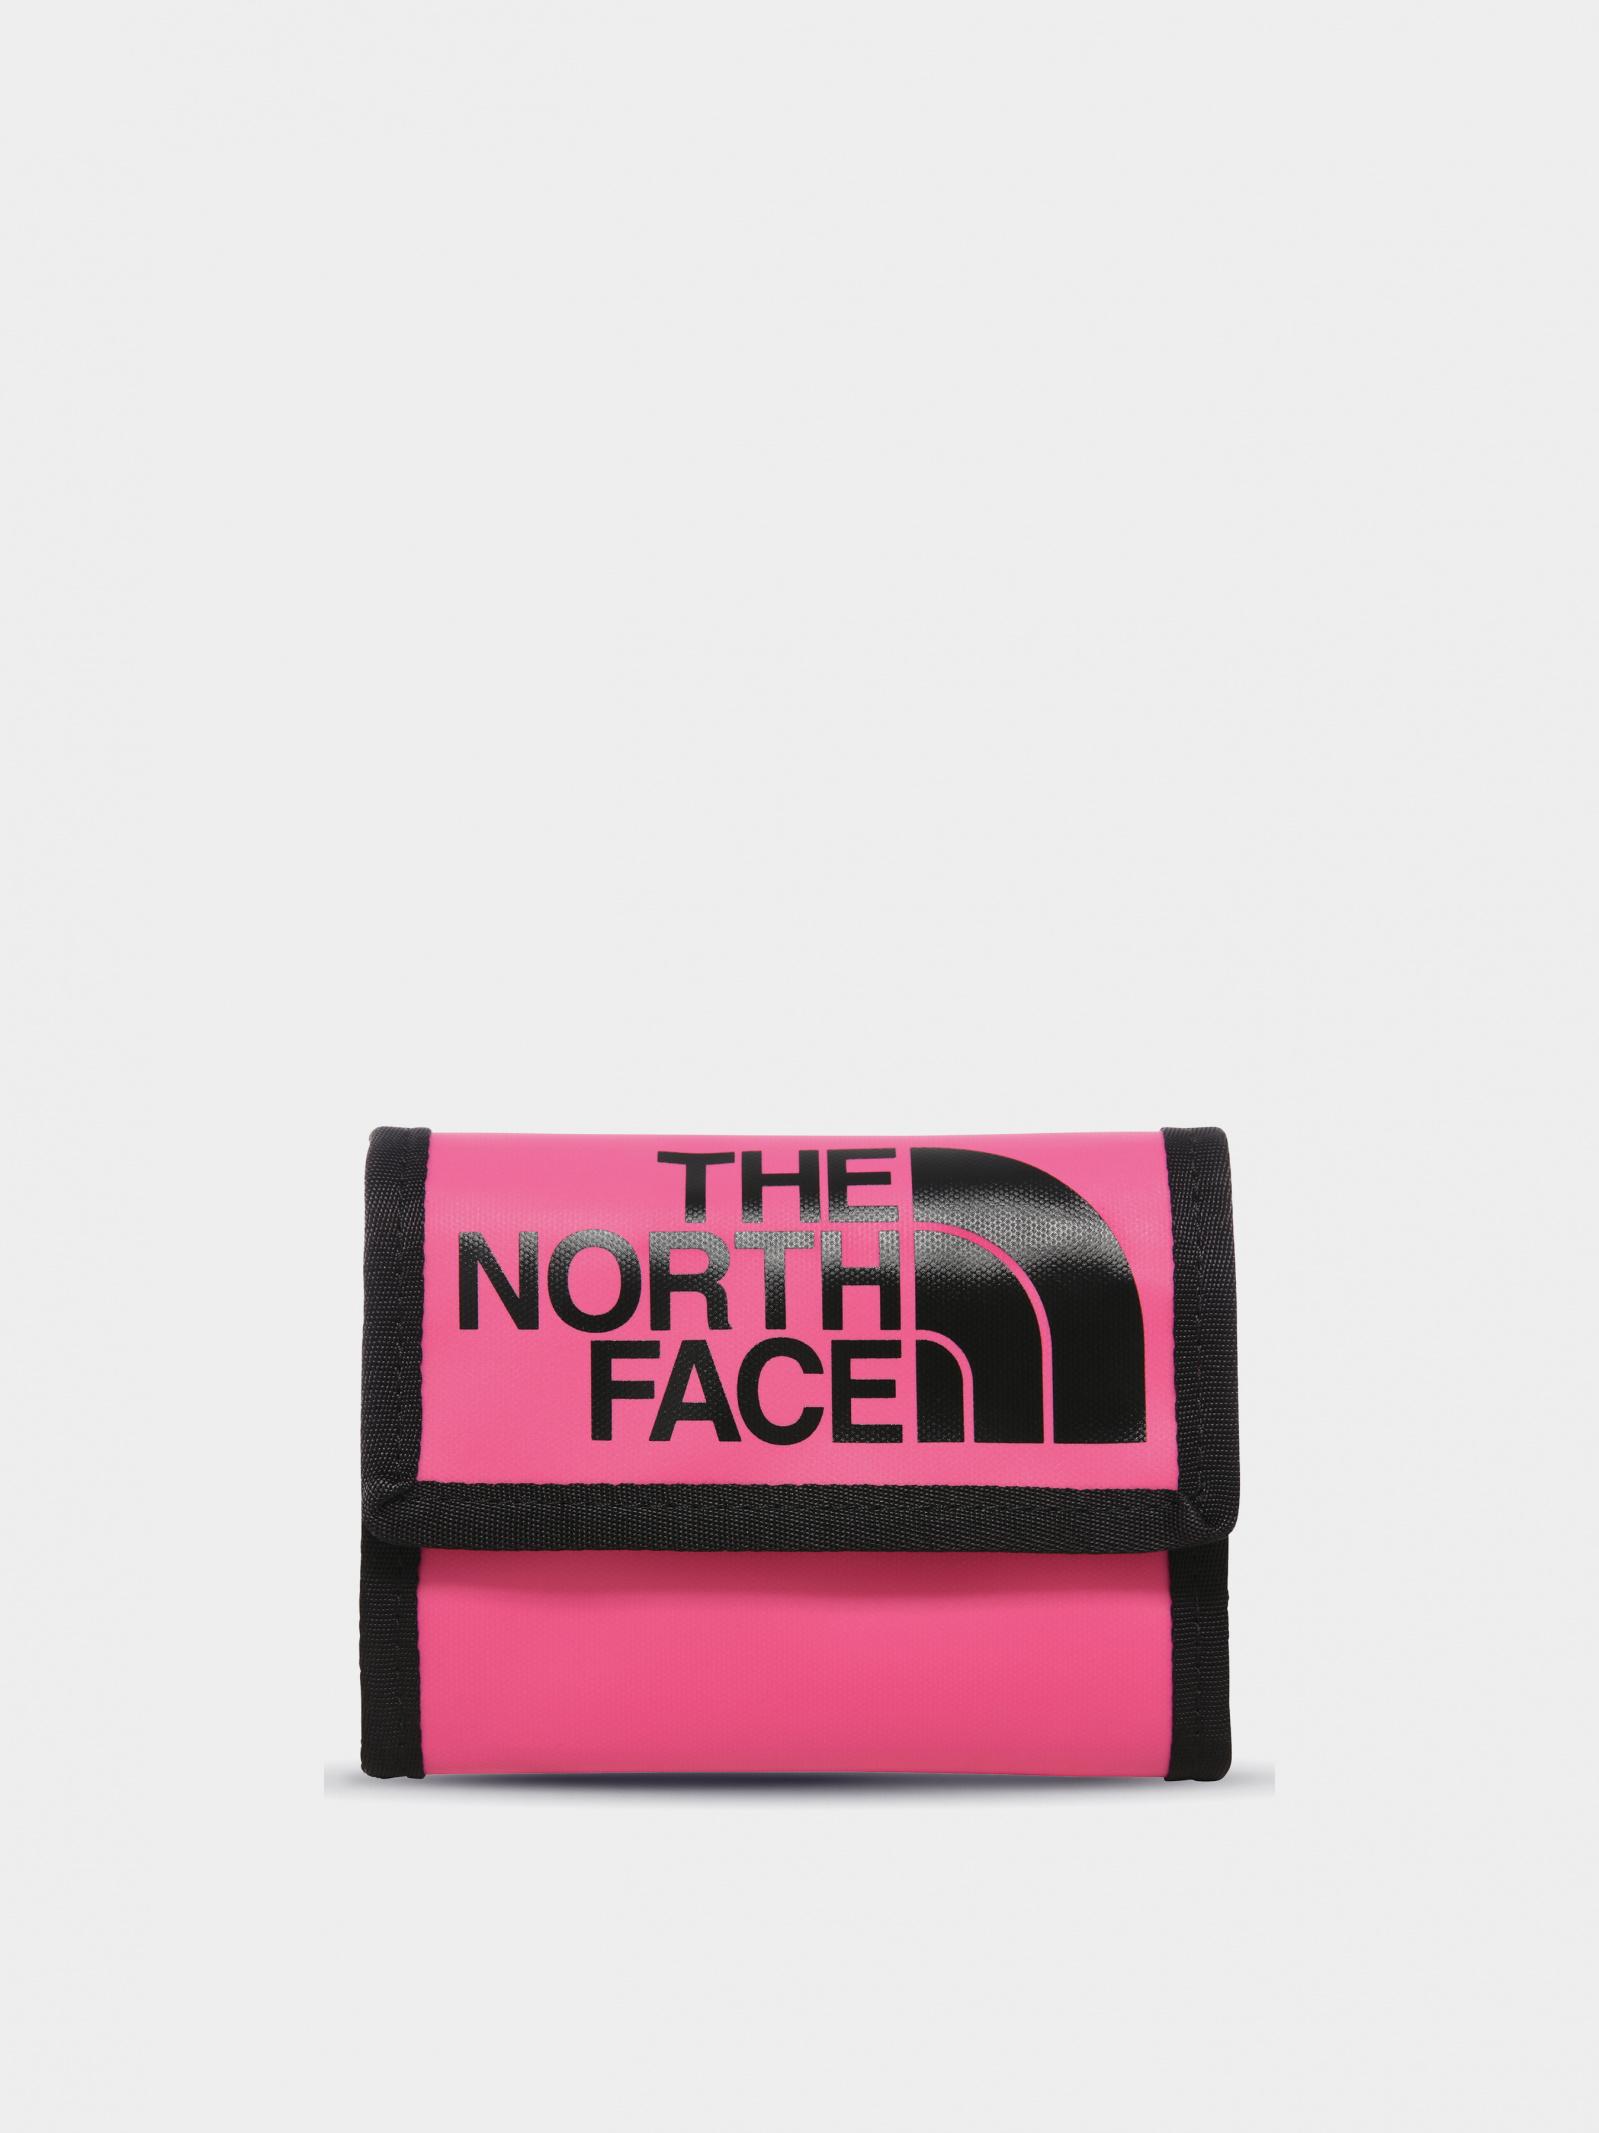 Кошельки и холдеры  The North Face модель NF00CE69EV81 , 2017